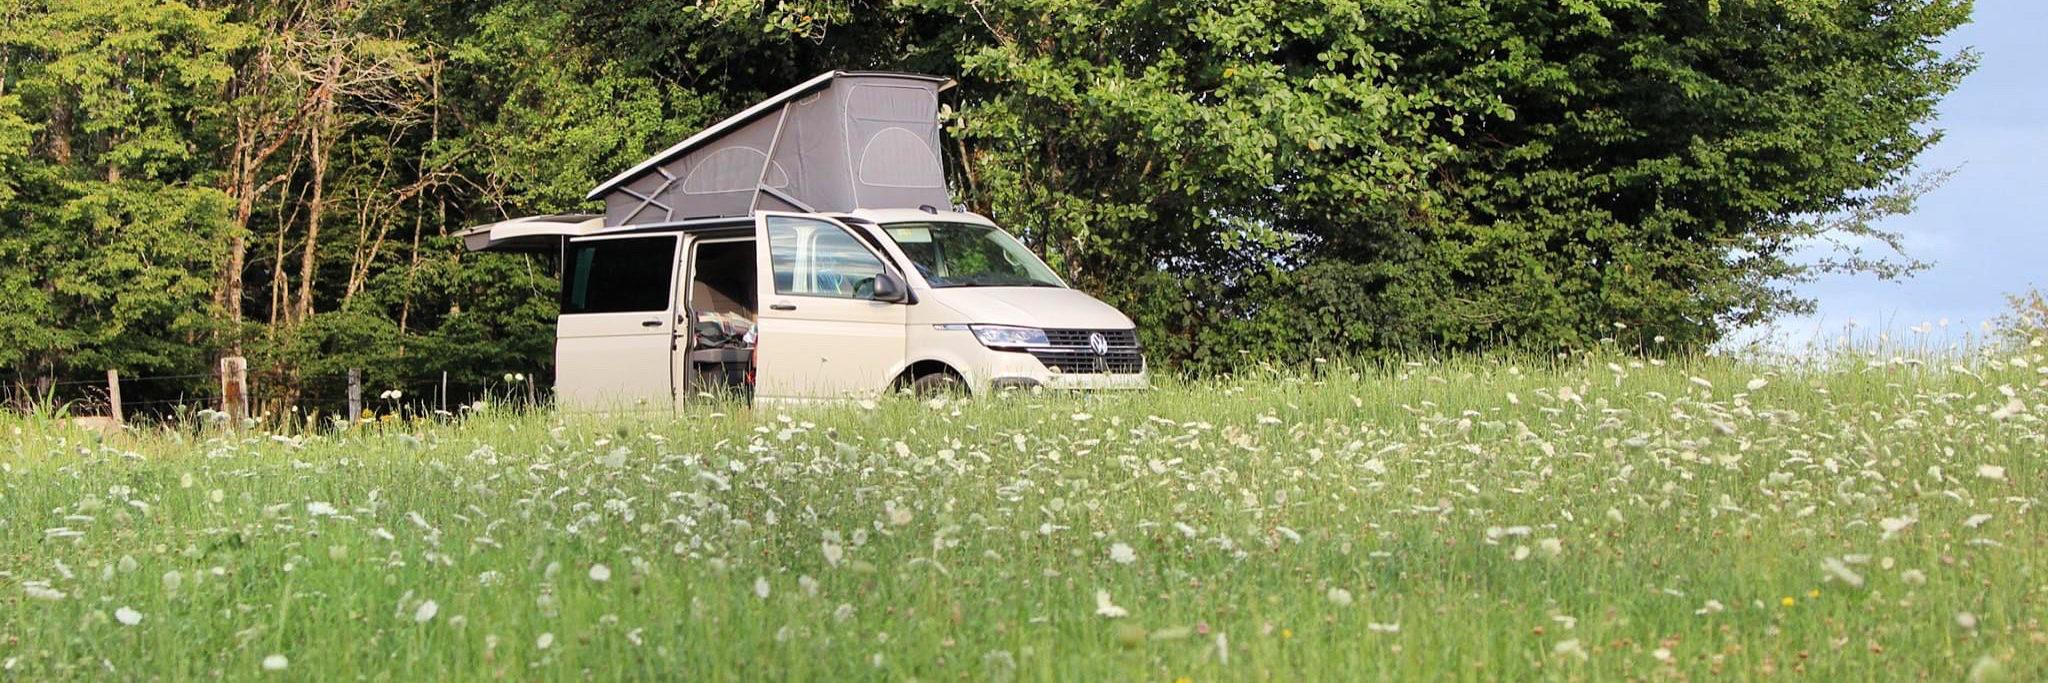 van-amenage-nature-road-trip-aspect-ratio-1800-600